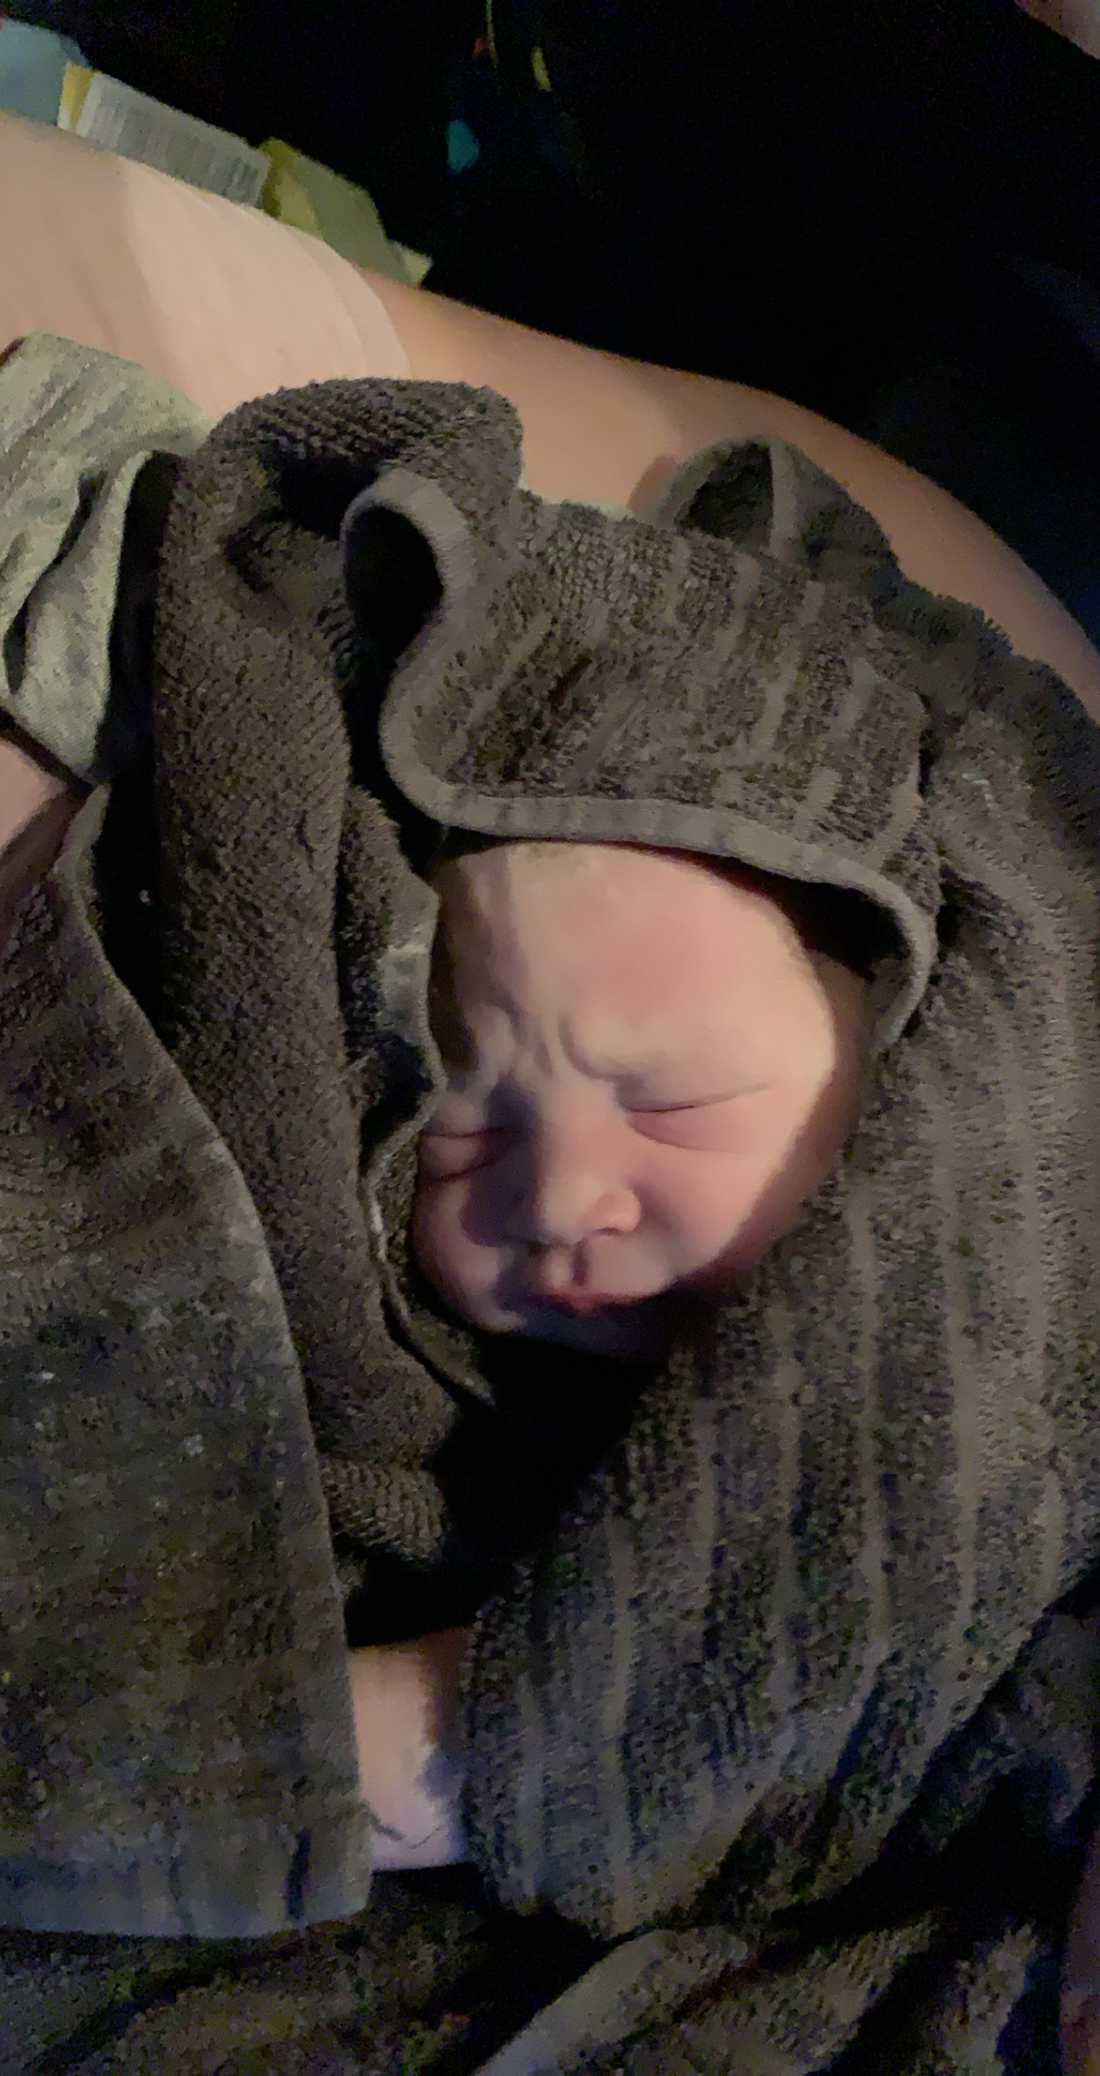 Första bilden på bebisen Jessica, tagen strax efter förlossningen i bilen.